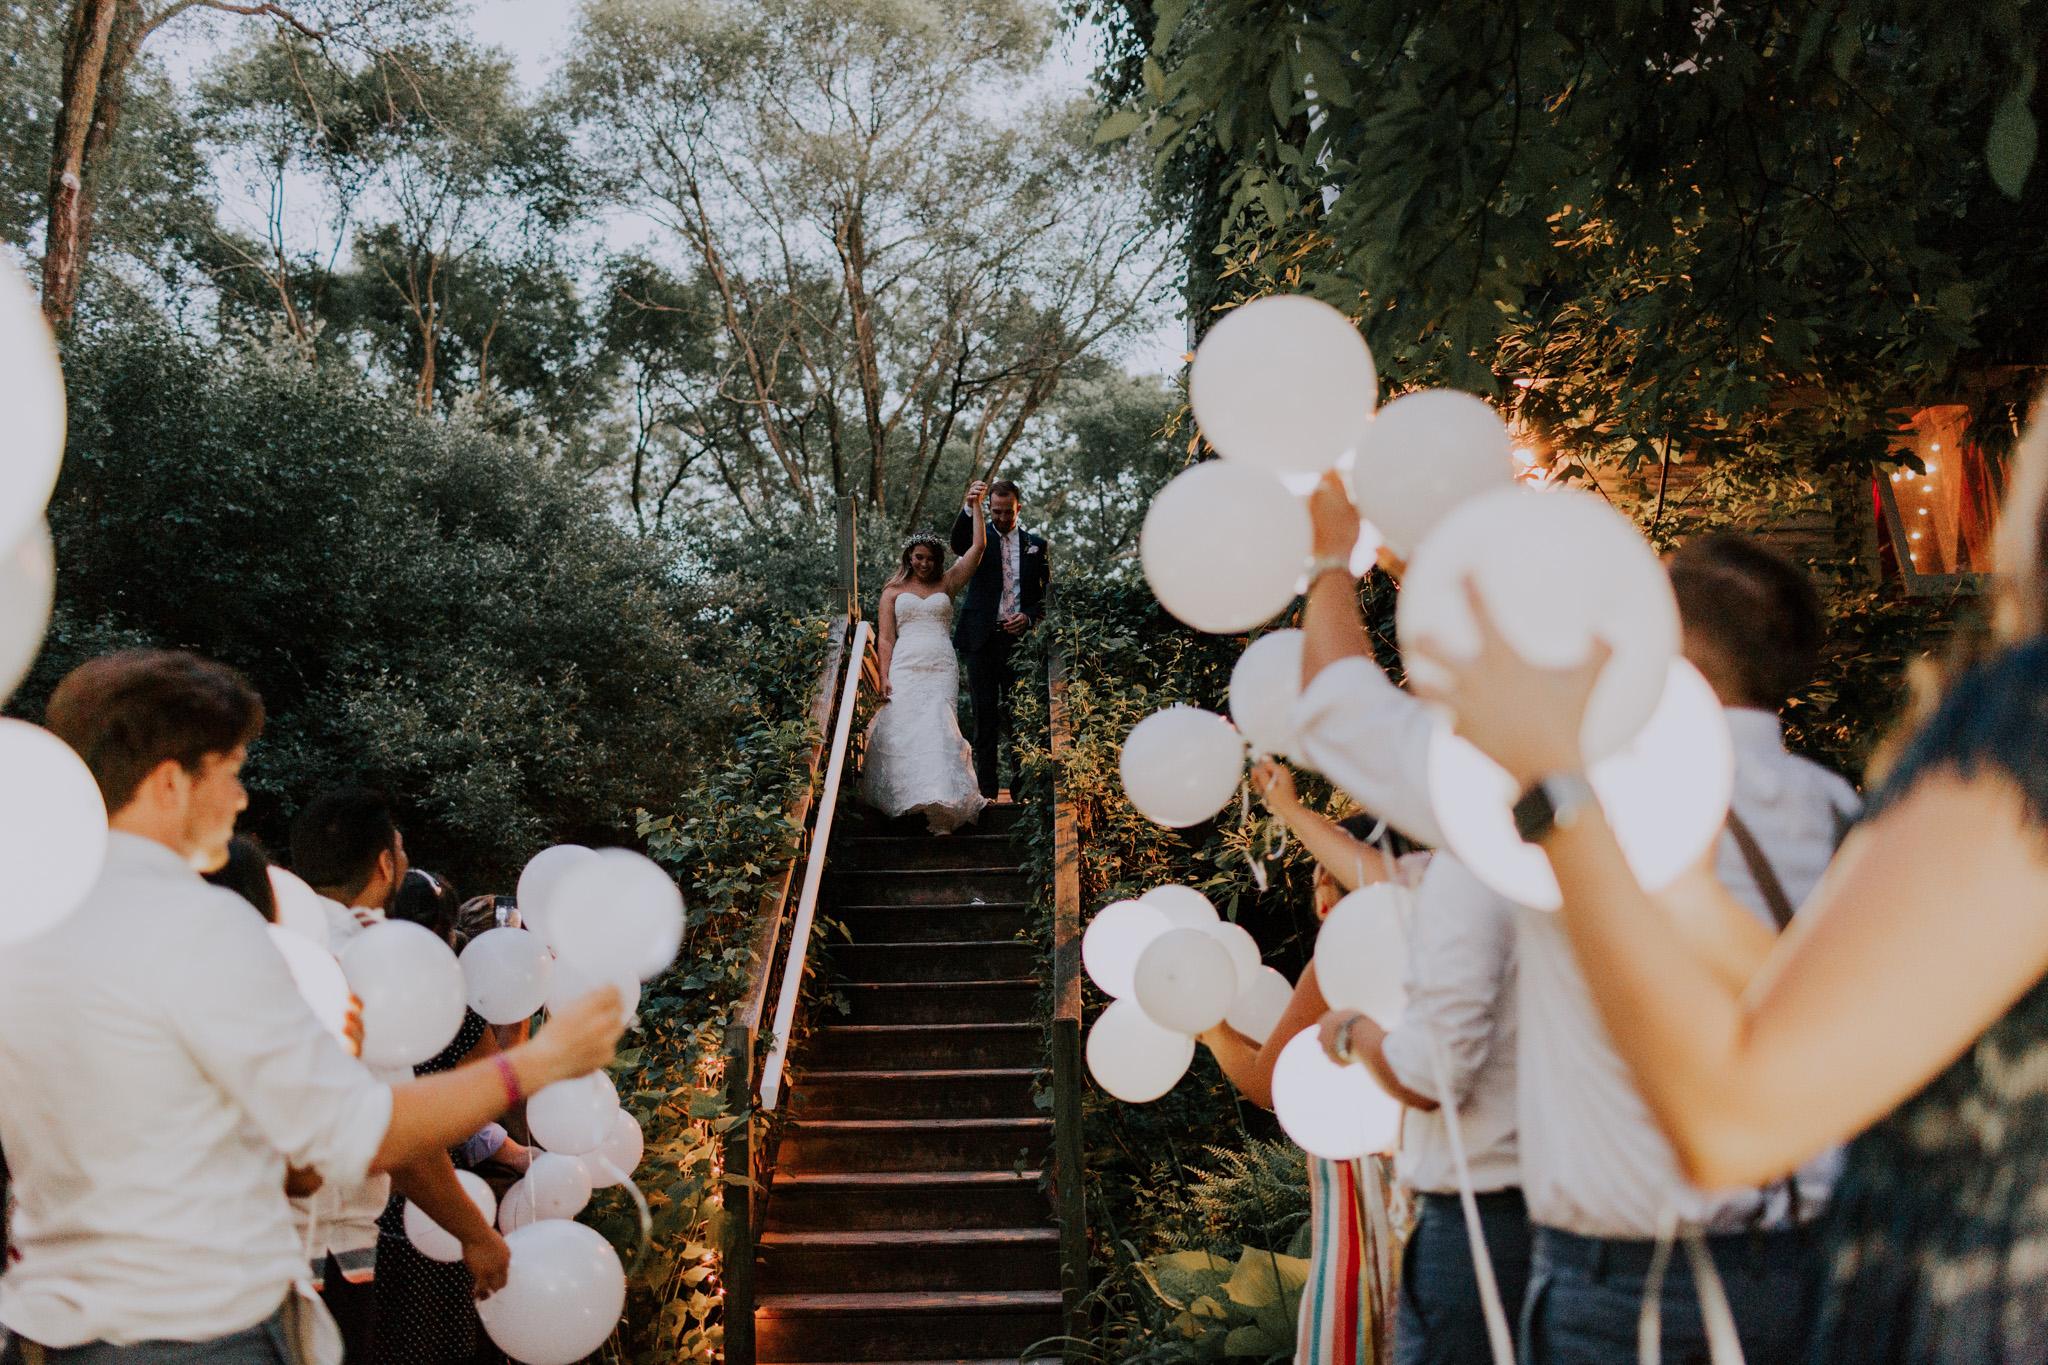 Blue-Dress-Barn-Michigan-Wedding-April-Seth-Vafa-Photo1176.jpg